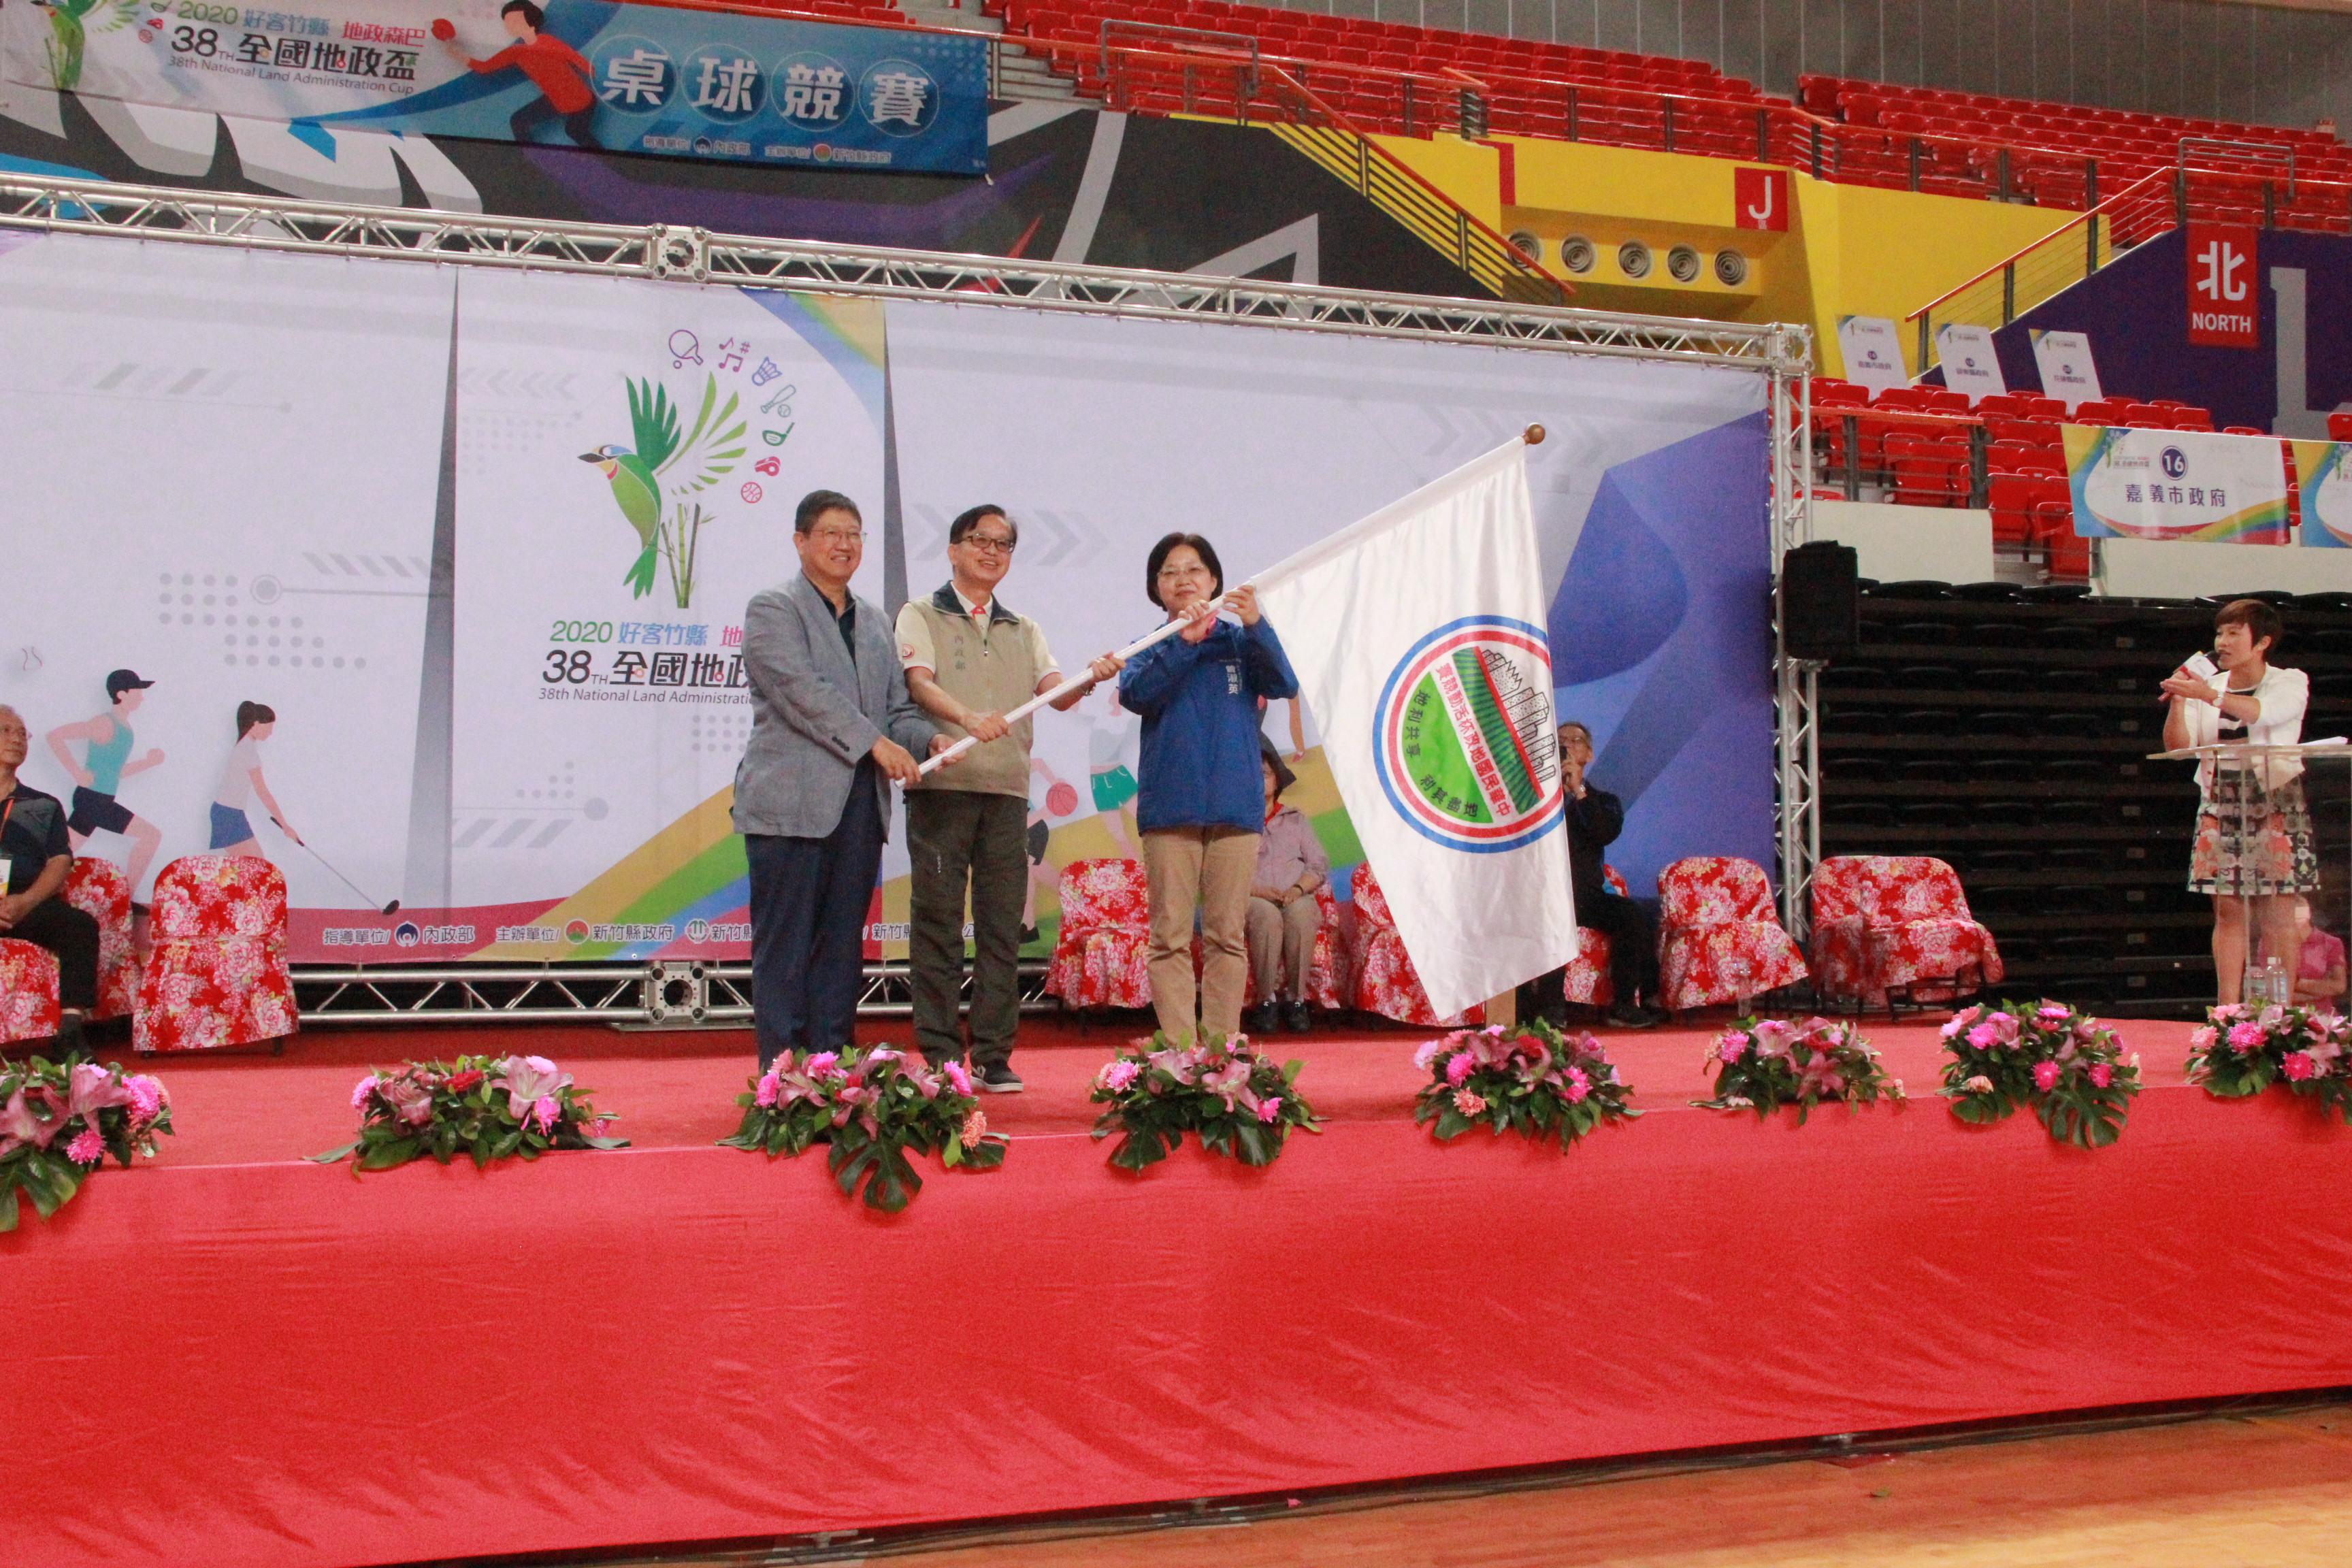 會旗交接,下屆(110年第39屆)全國地政盃活動競賽輪由新竹市政府地政處主辦